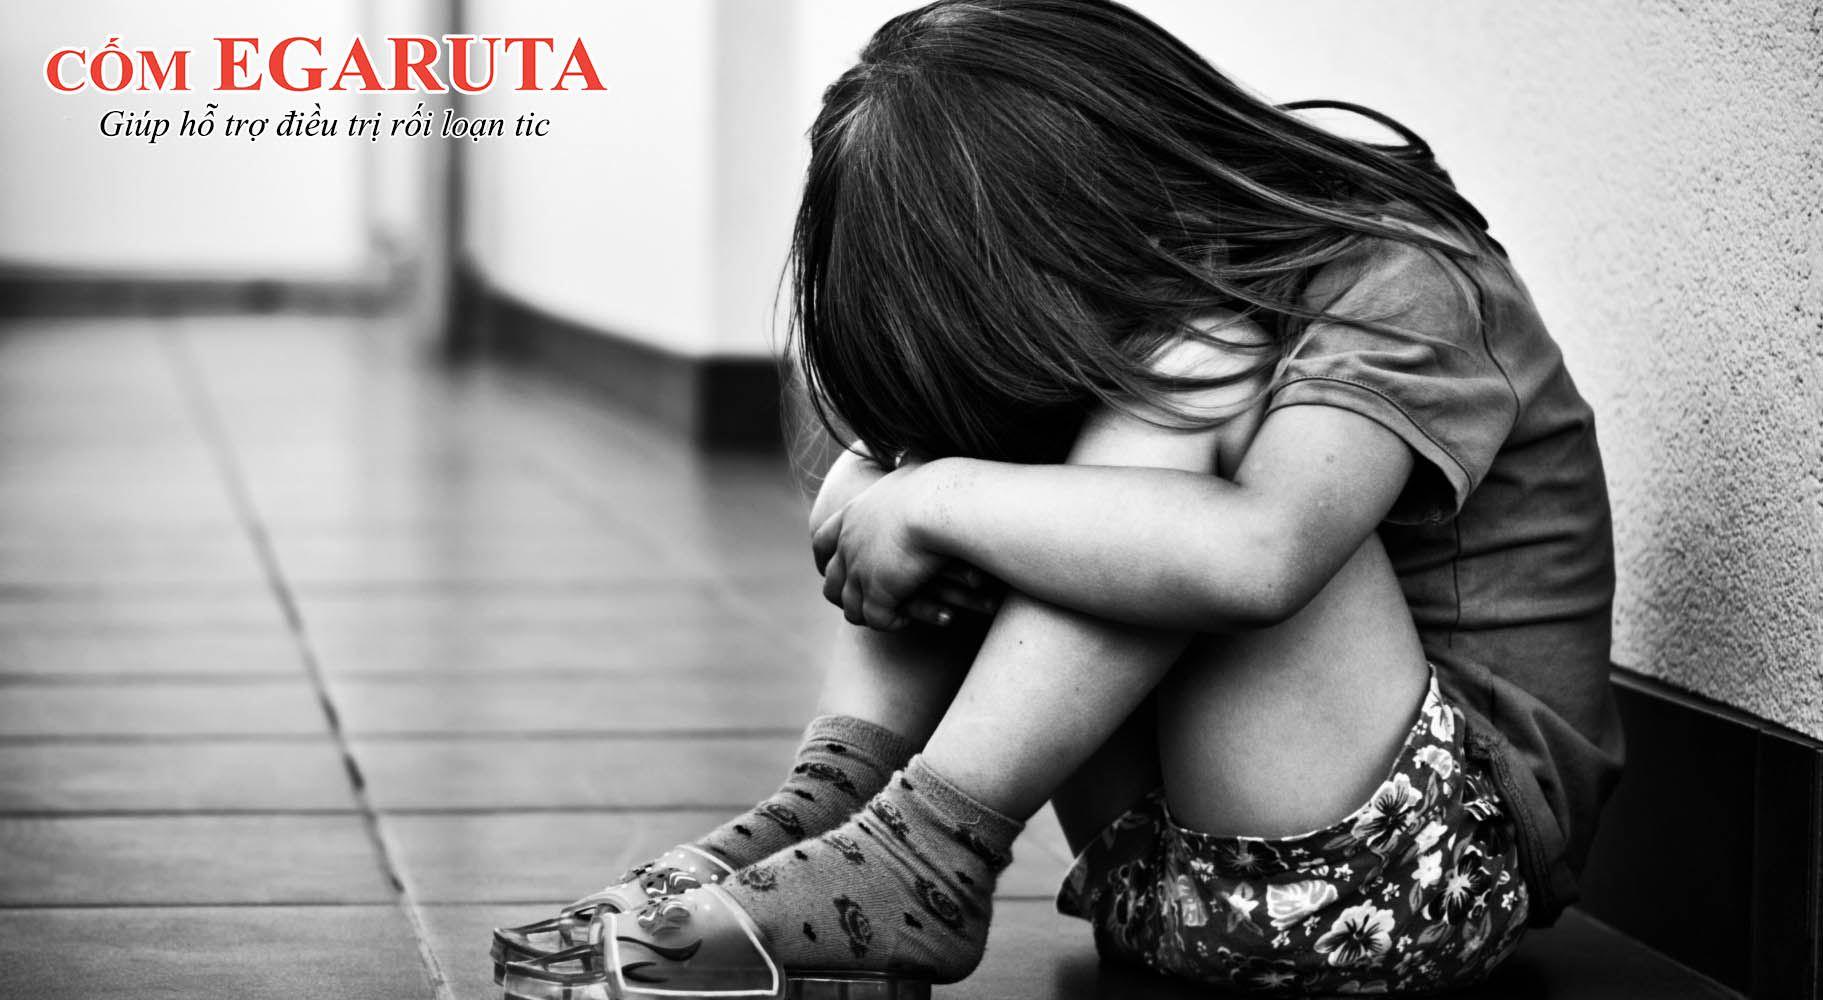 Trẻ nhỏ bị rối loạn tic dễ cảm thấy lo sợ khi phải rời xa cha mẹ